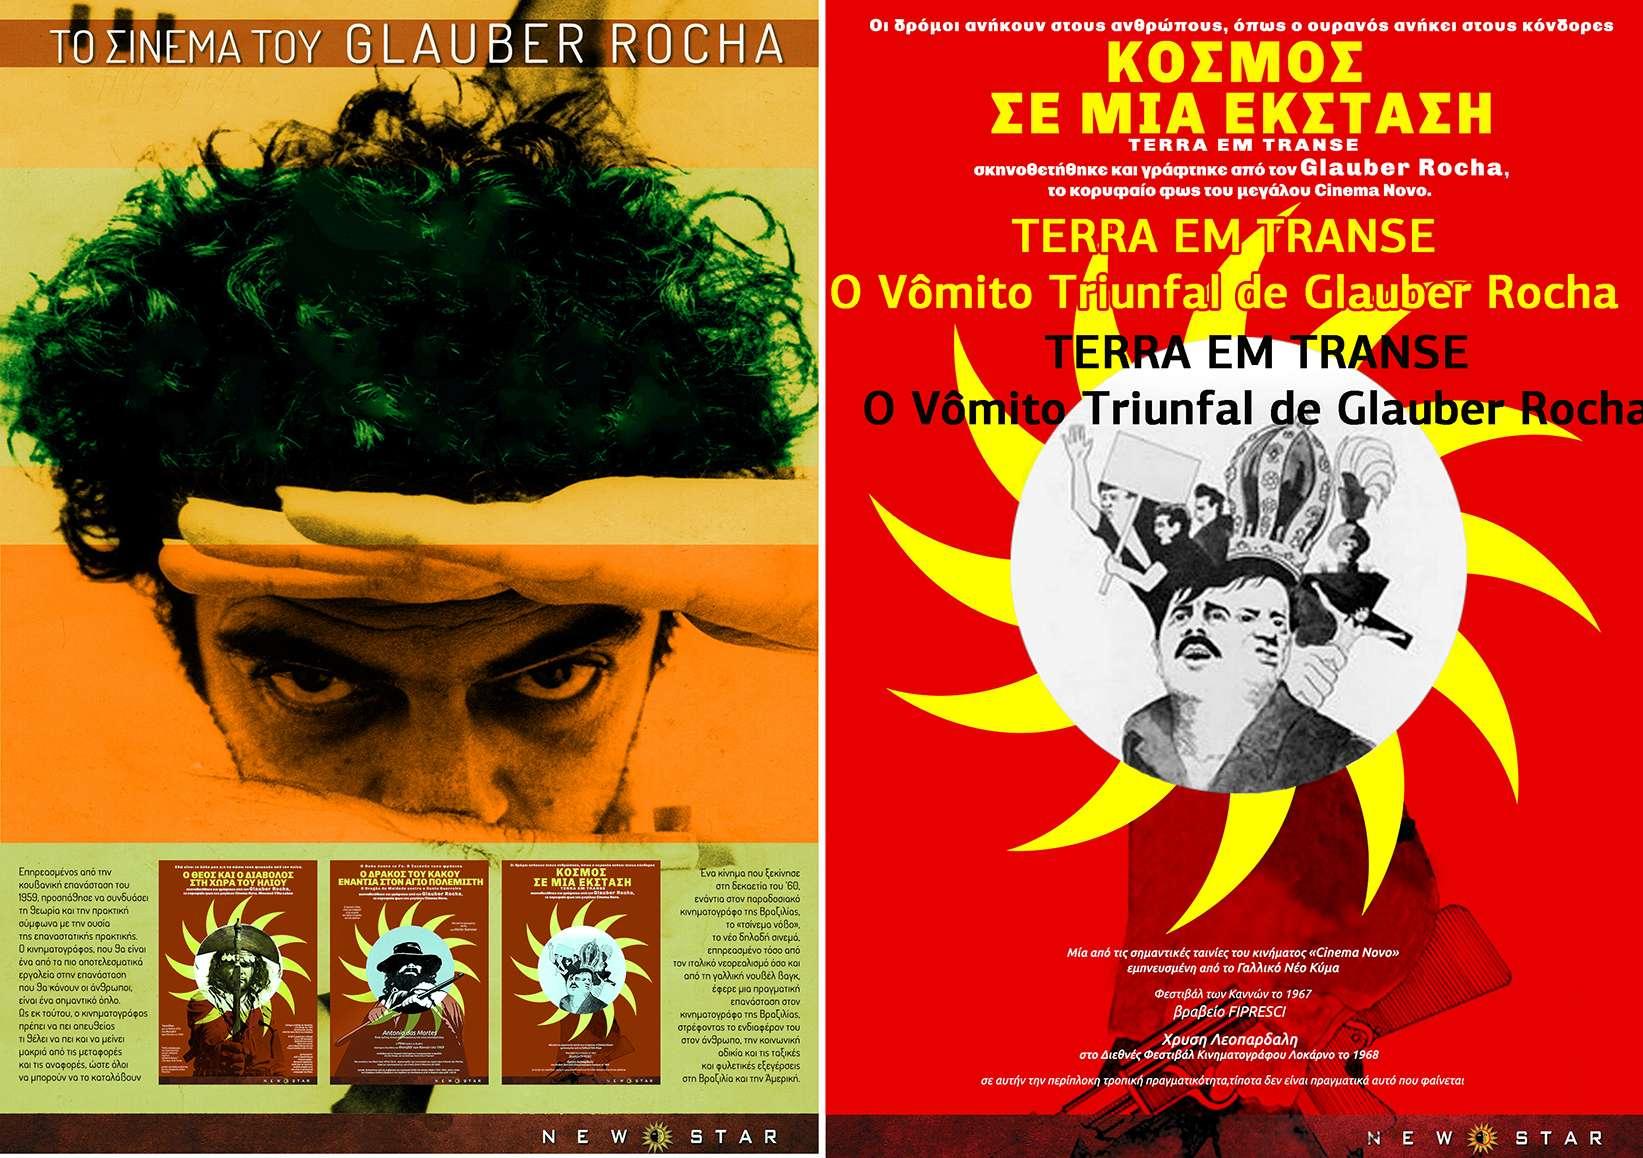 Κόσμος σε μια έκσταση TERRA EM TRANSE O Vômito Triunfal de Glauber Rocha